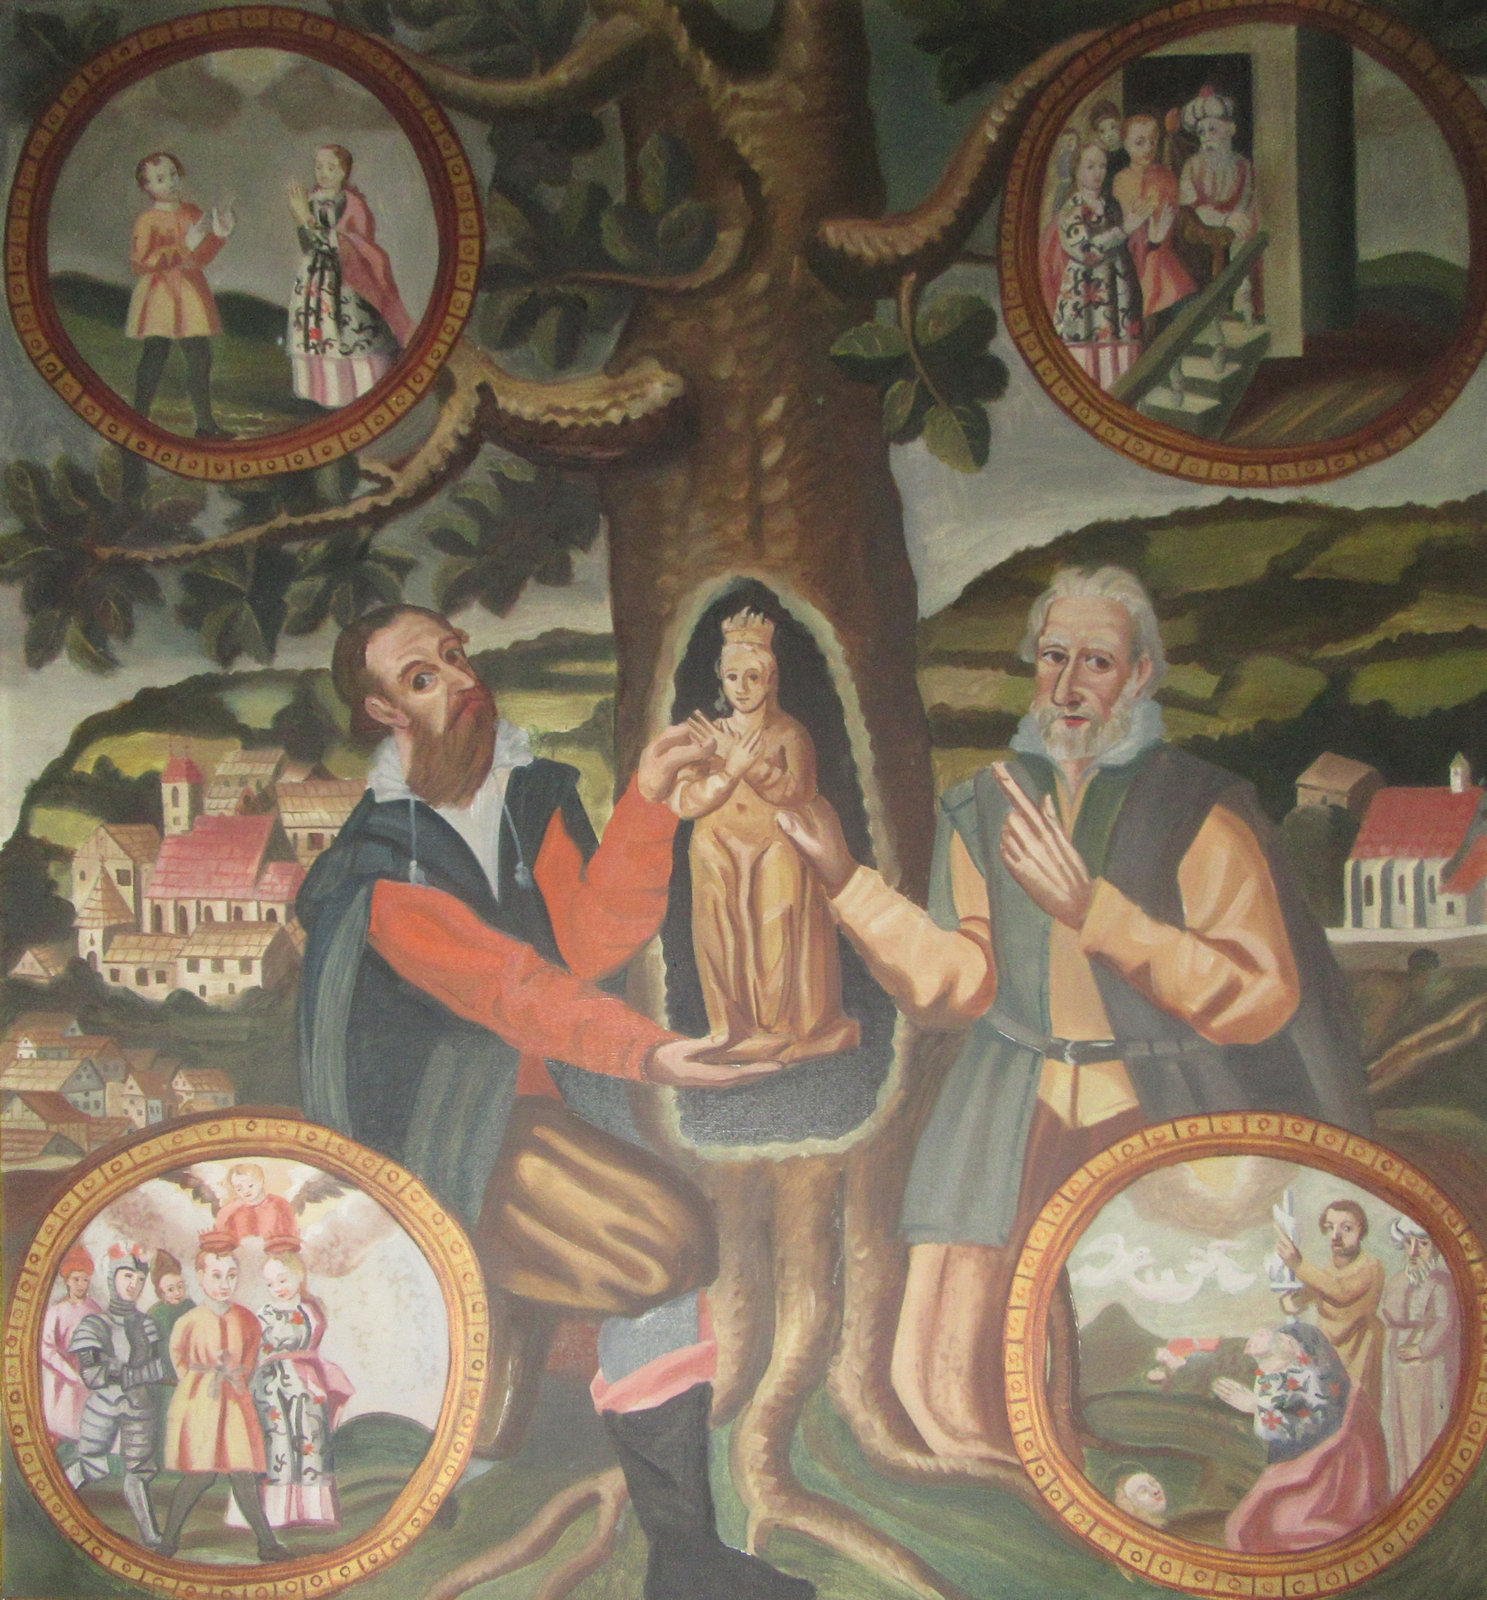 Votivbild: Die Auffindung der Corona-Statue in der Linde und Medaillons mit Szenen aus Corona Leben, 1650, in der Pfarrkirche in St. Corona am Wechsel